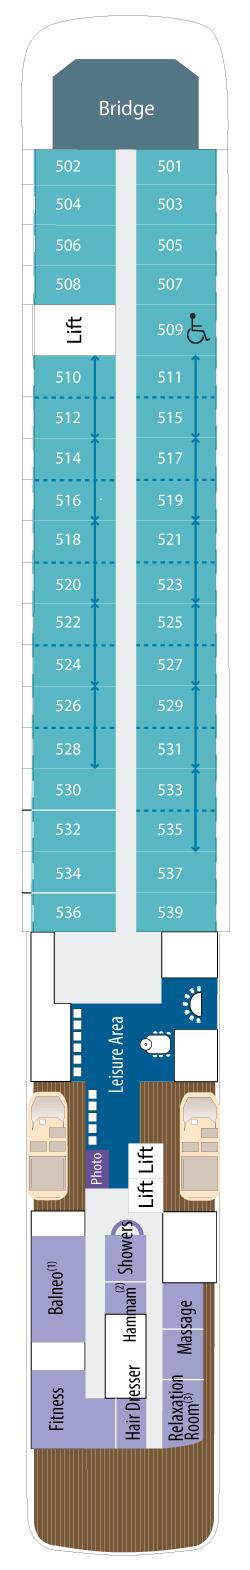 Le Lyrial Deck 5